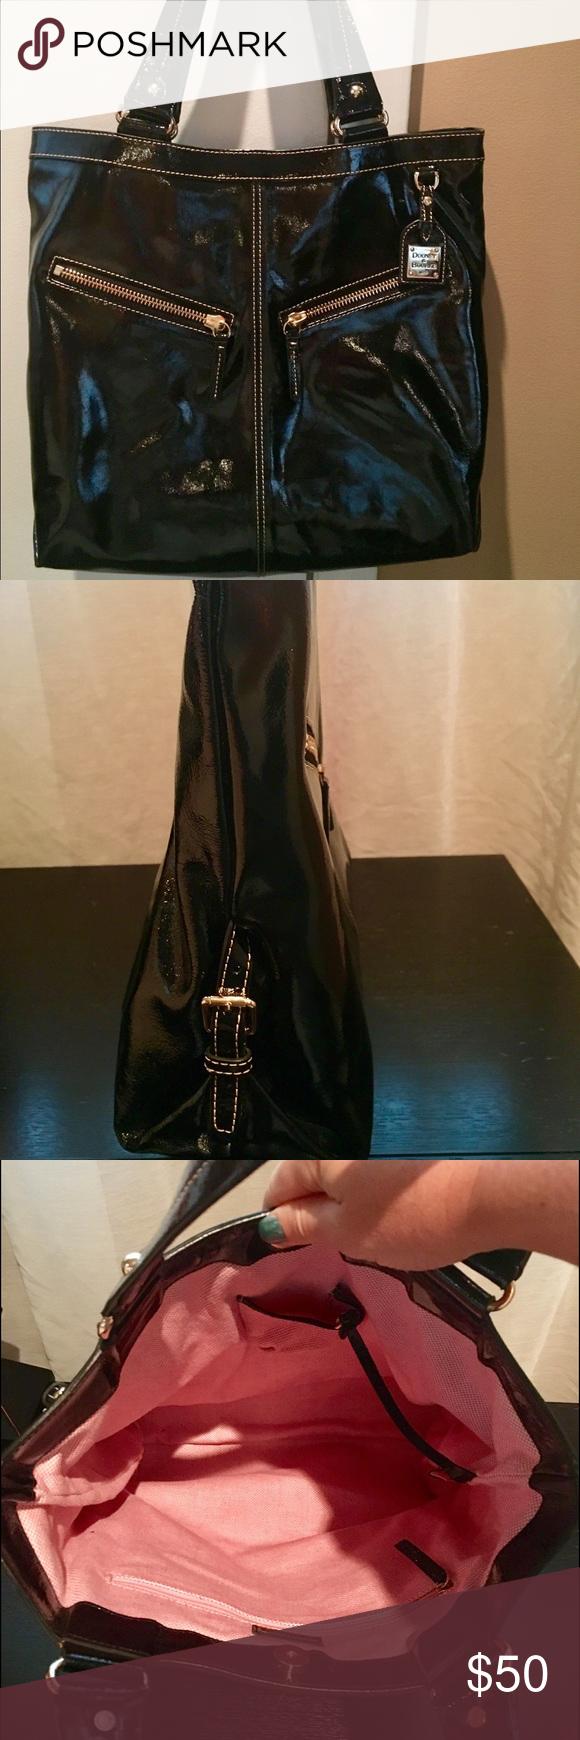 Ladies hand bag Black patent leather handbags. Double shoulder straps. Excellent condition. Dooney & Bourke Bags Shoulder Bags